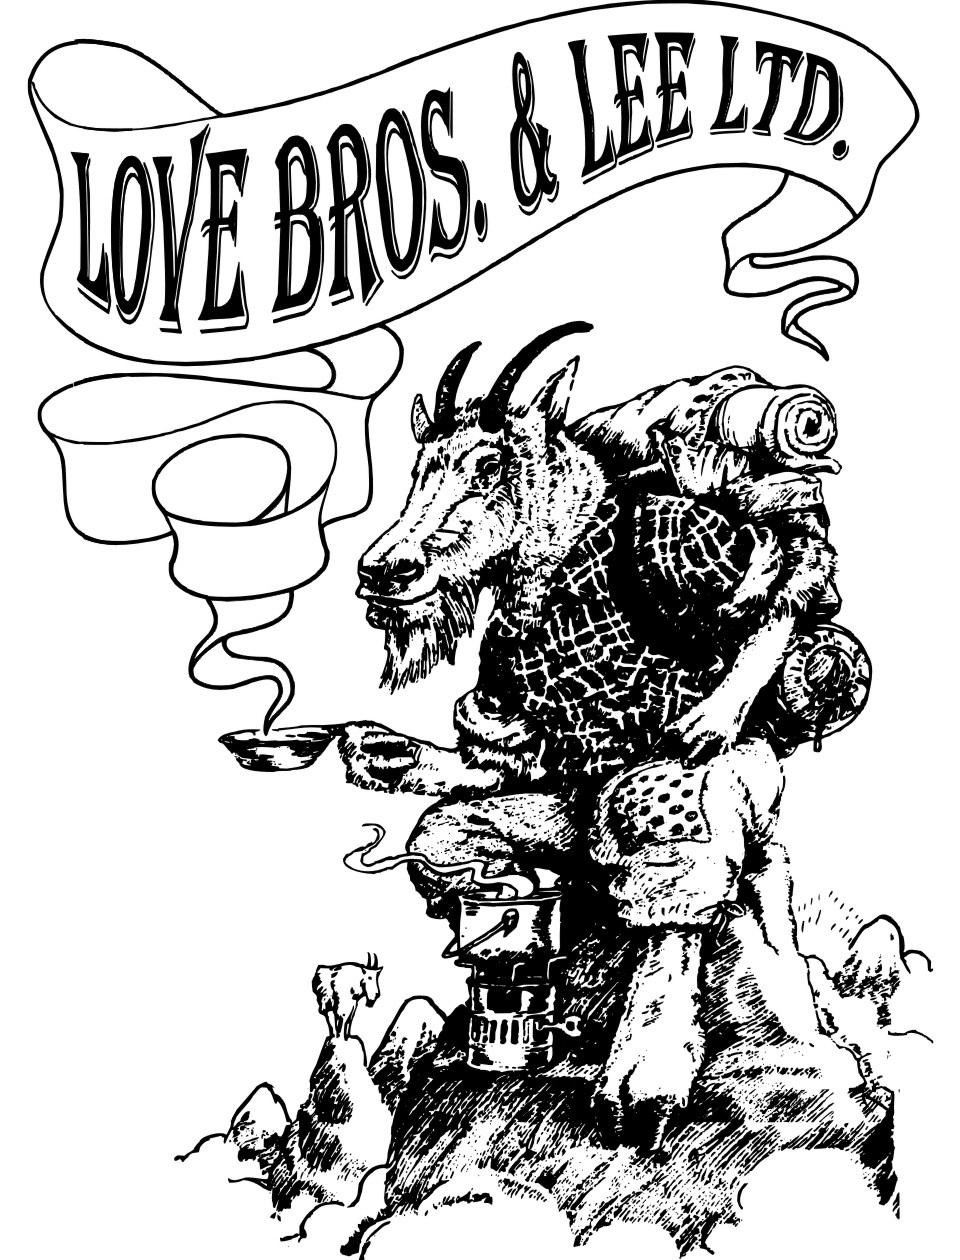 LoveBros logo 3